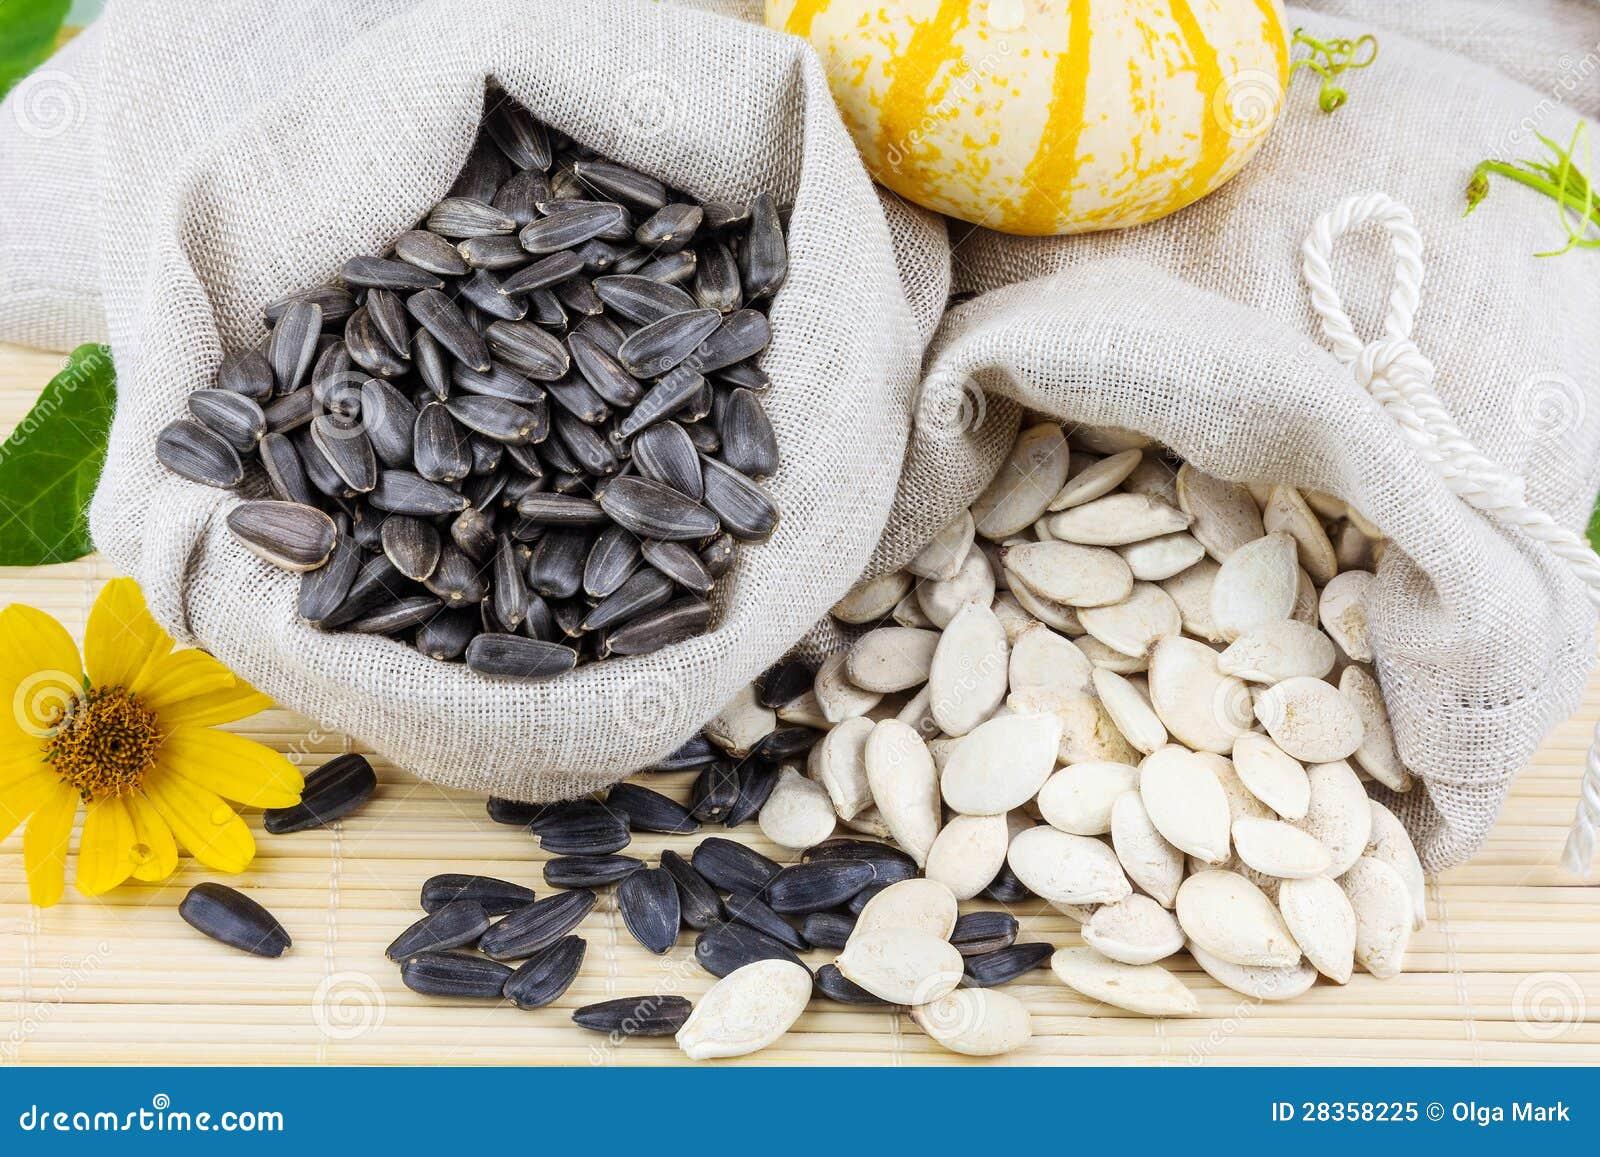 Zakken zonnebloem en pompoenzaden op de mat